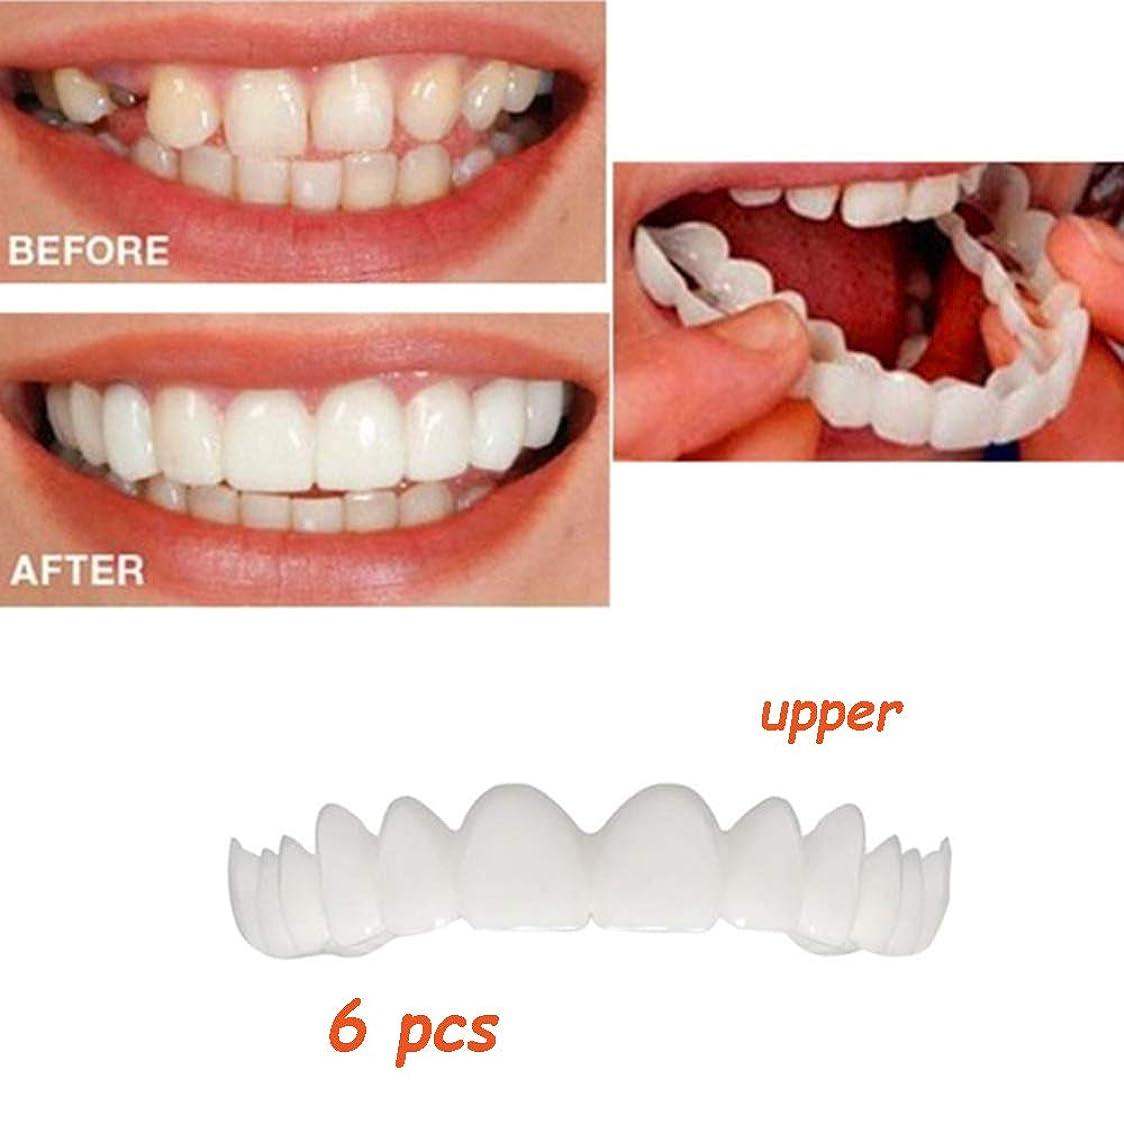 切り離す連続的海偽の歯のトップ自信を持って笑顔快適フィットフレックスホワイト歯義歯仮歯化粧品突き板ワンサイズフィット矯正(6個歯のトップ)